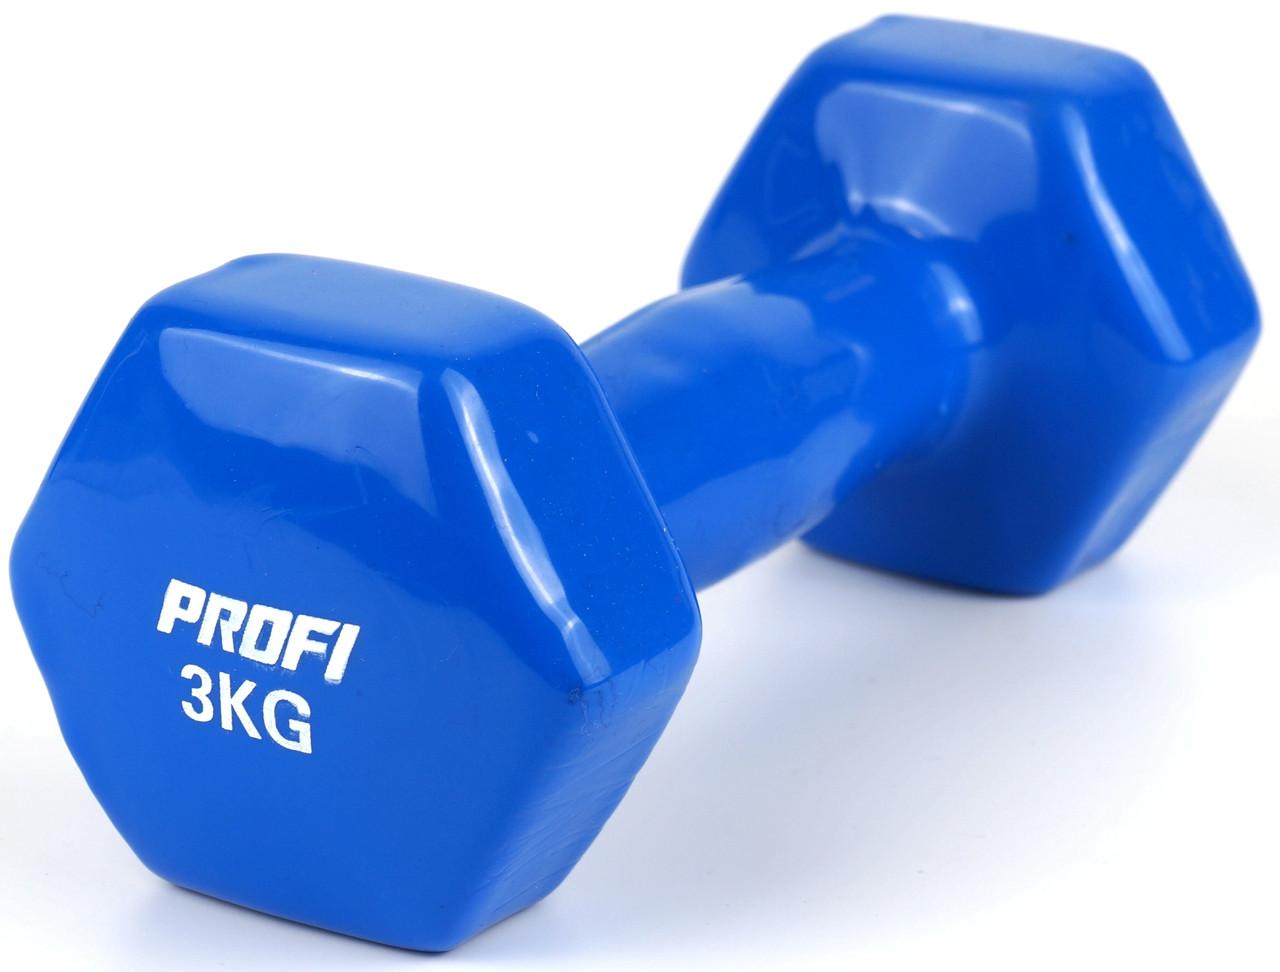 Гантель 3 кг Profi с виниловым покрытием (Синий)